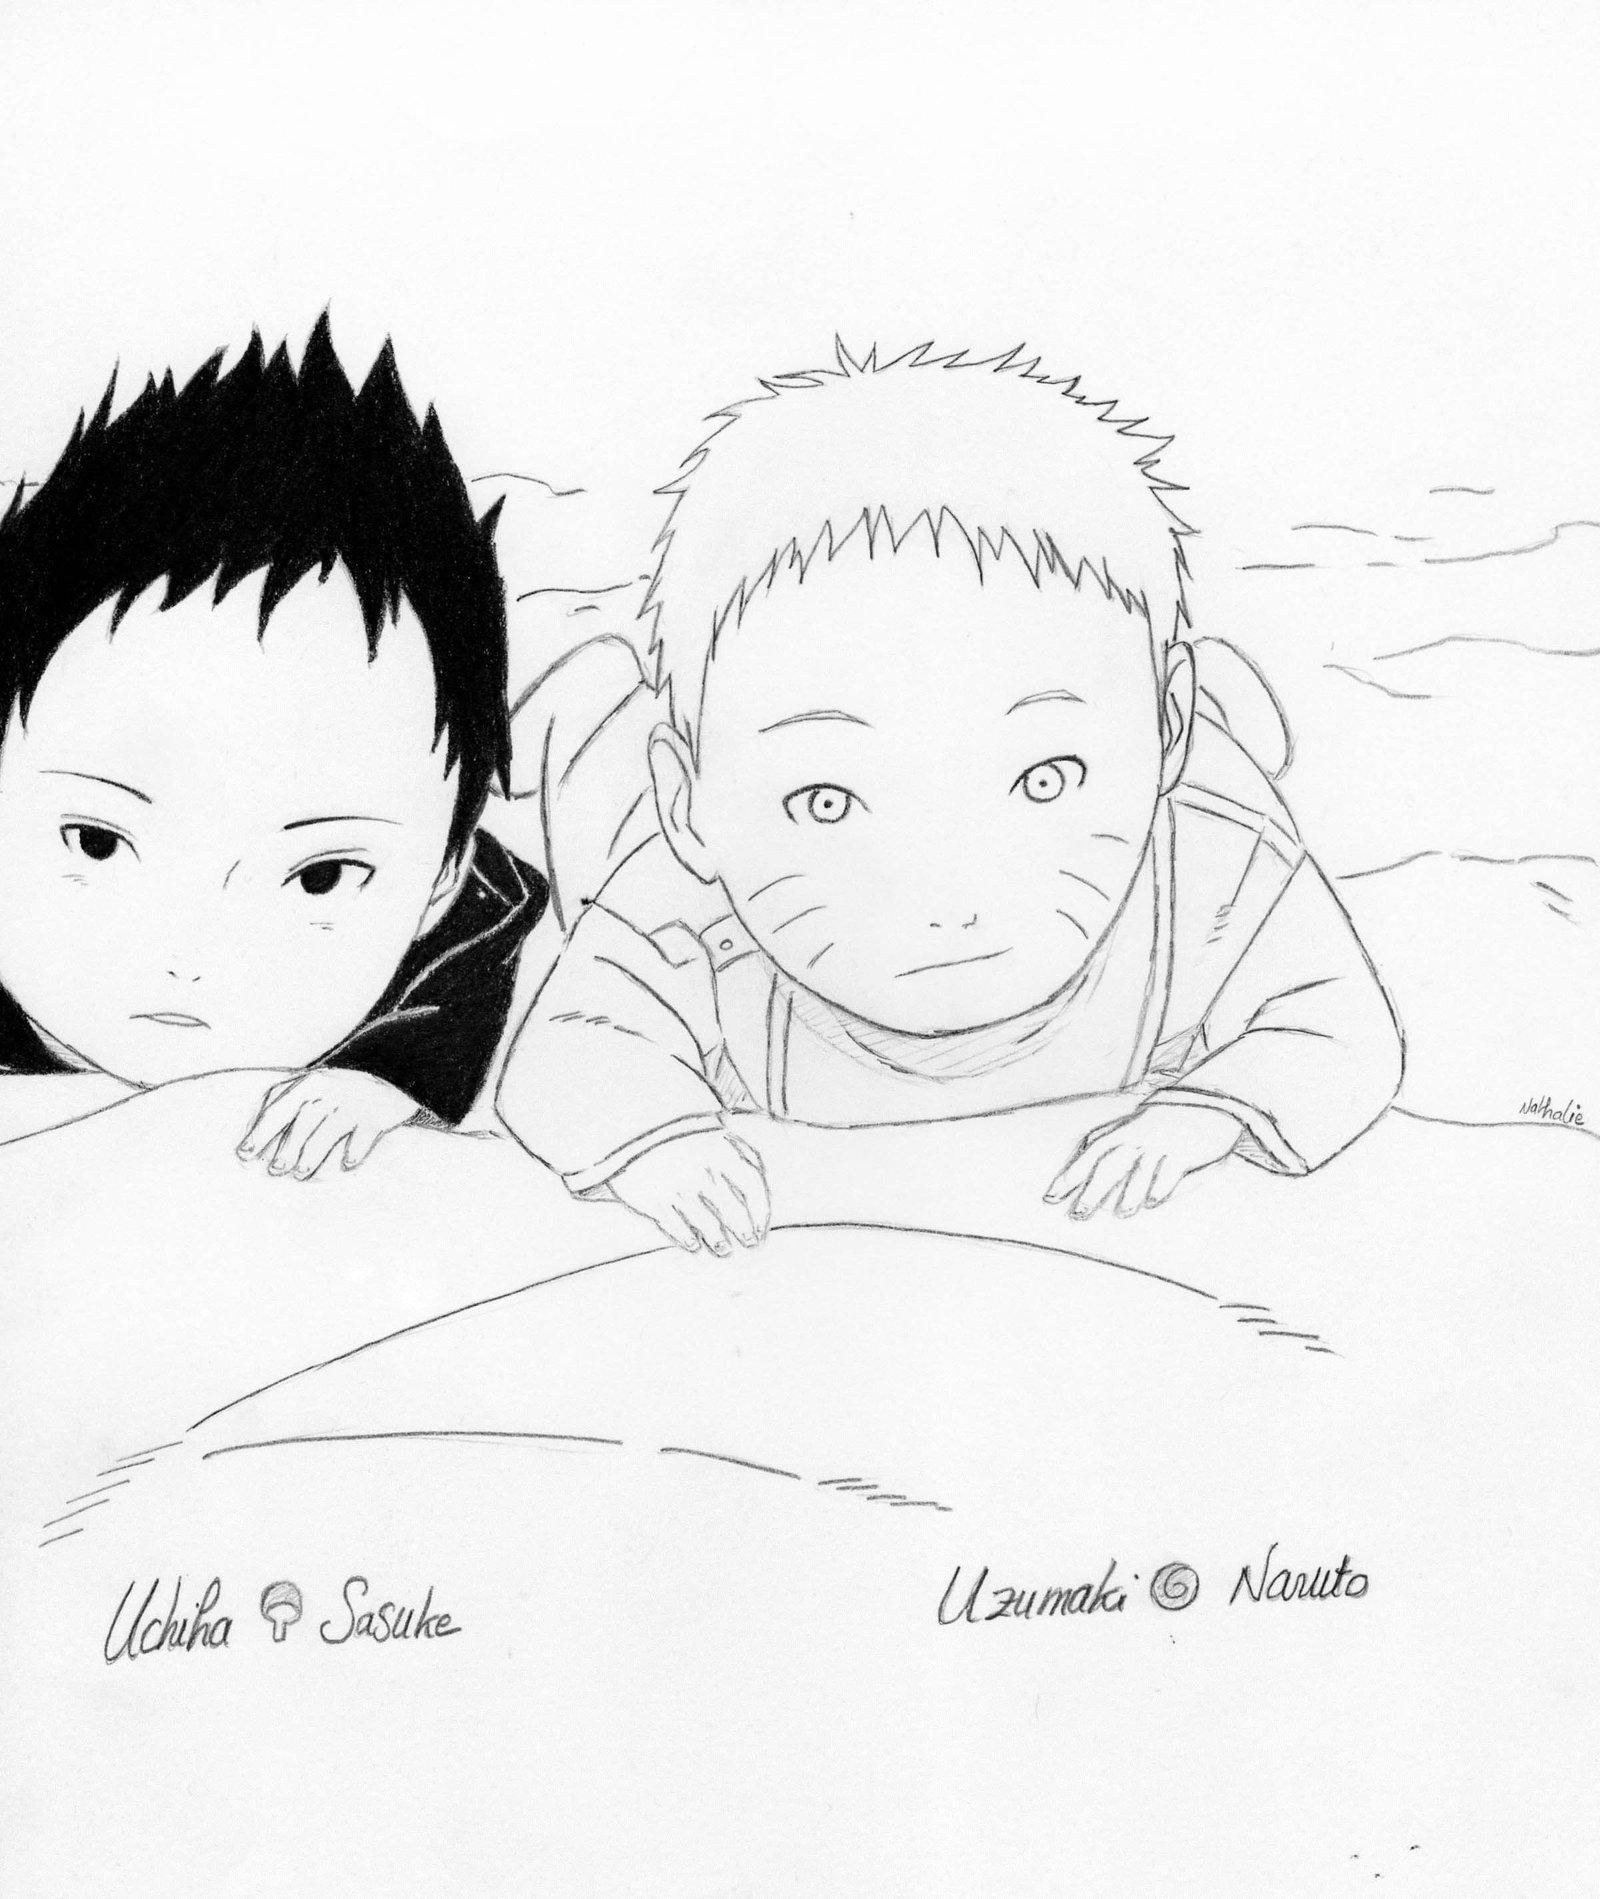 naruto shippuden drawing at getdrawings com